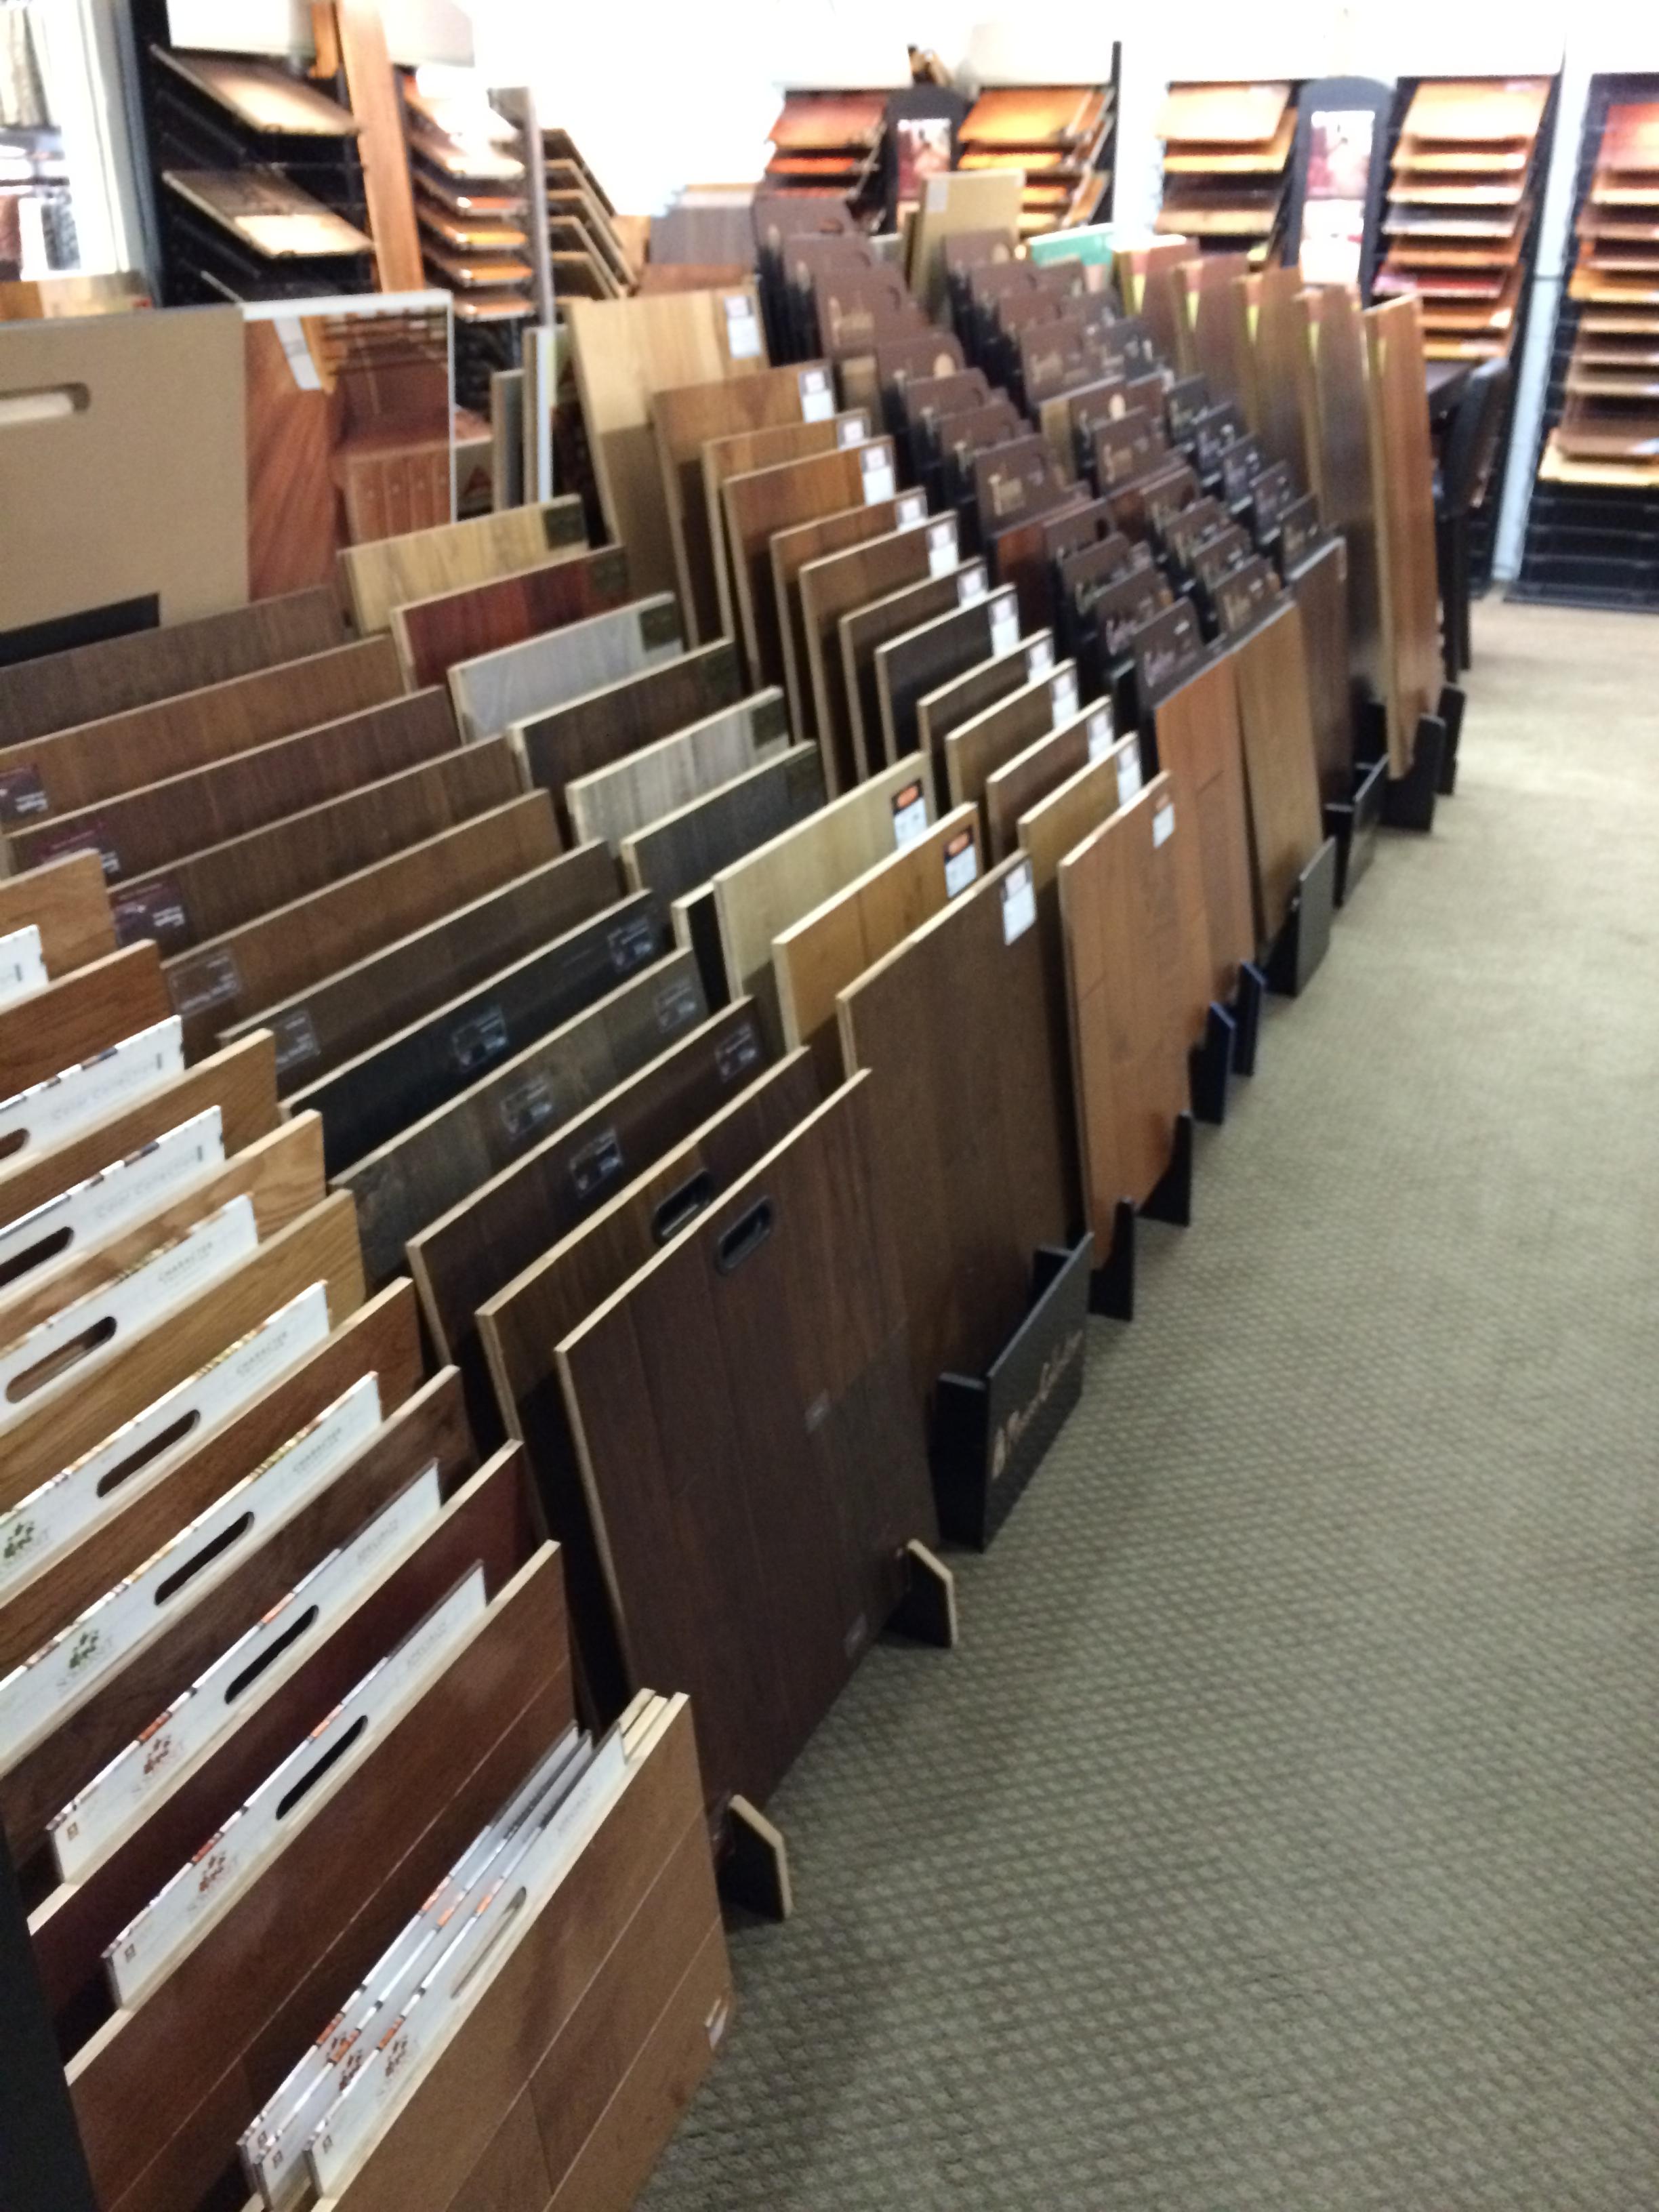 California Classics Hardwood Retailer - Danville, CA - Diablo Flooring, Inc - Diablo Flooring, Inc